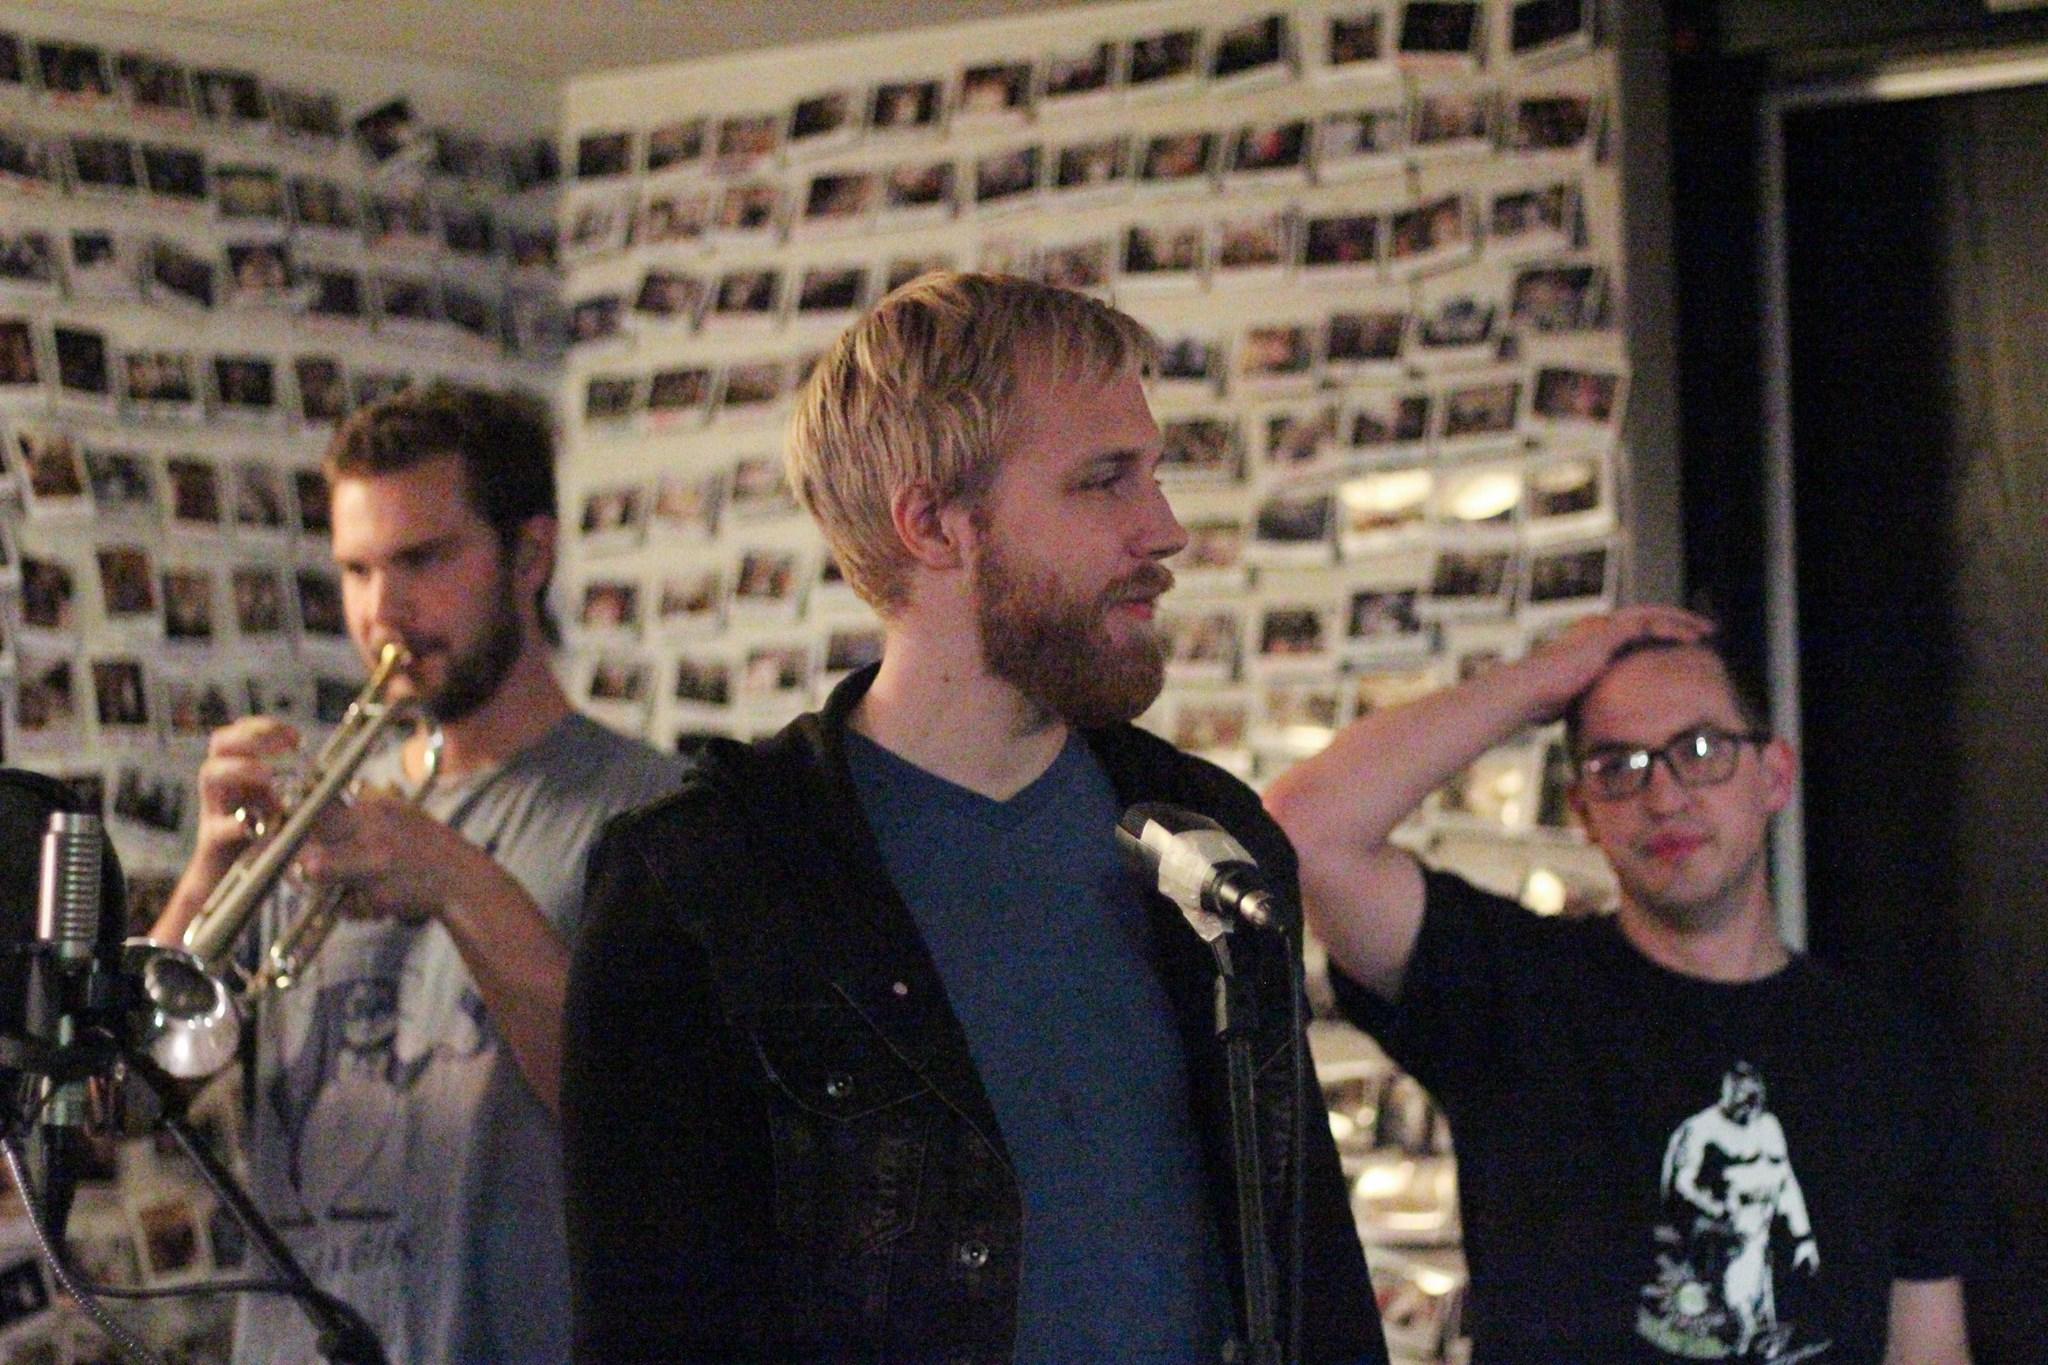 Jake, Sten & Noah